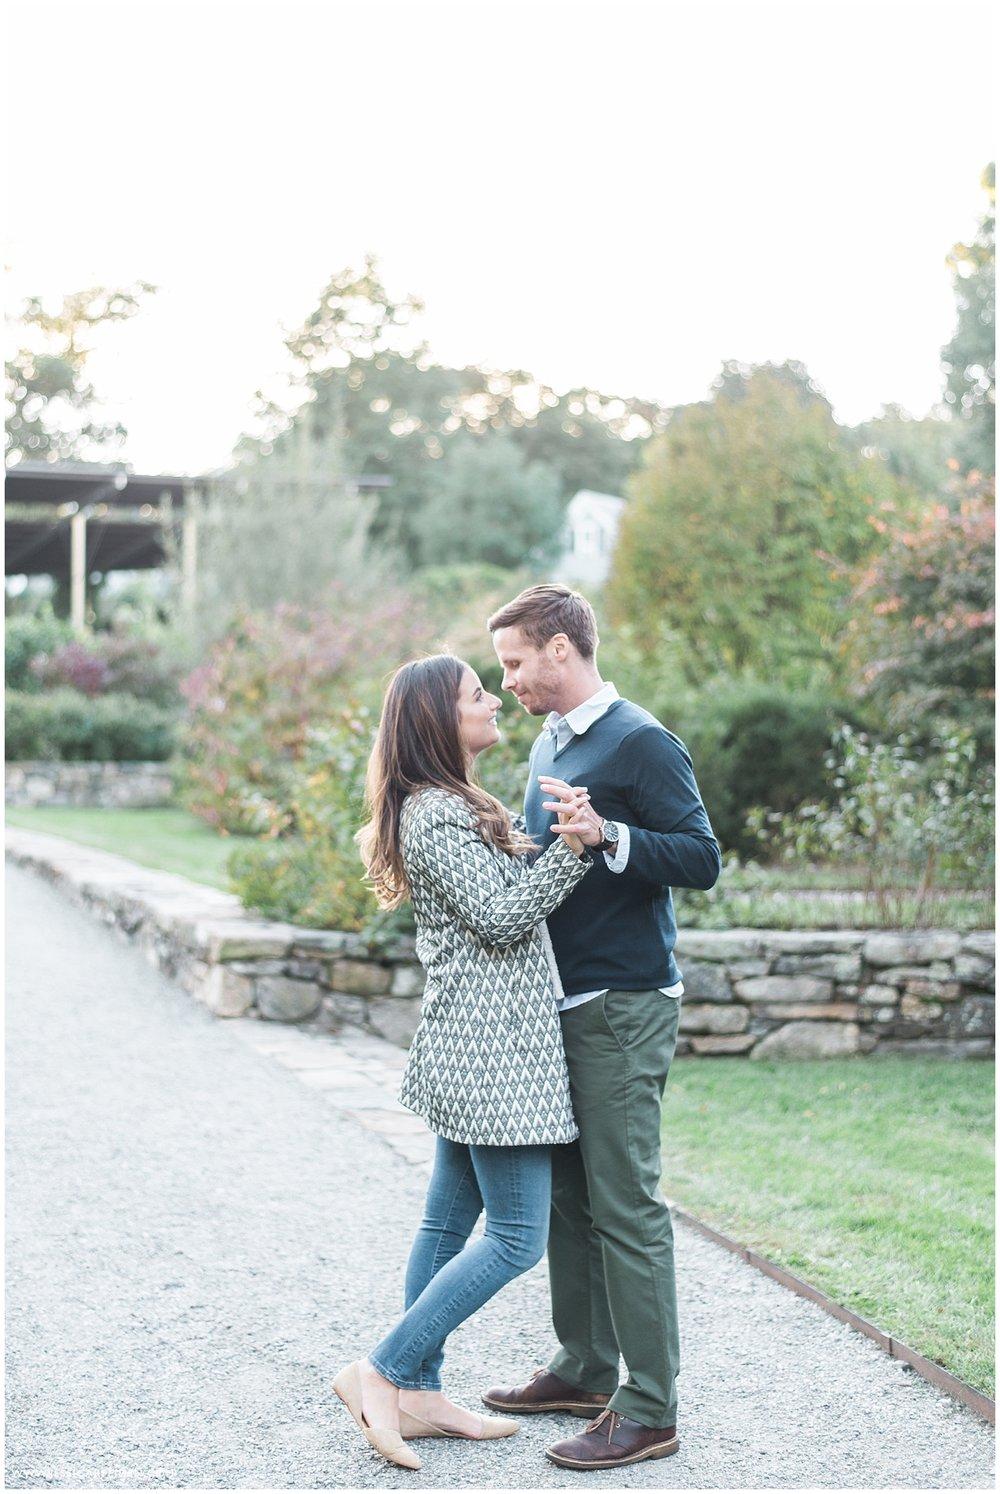 Jessica K Feiden Photography_Arnold Arboretum Engagement Session Boston Photographer_0016.jpg